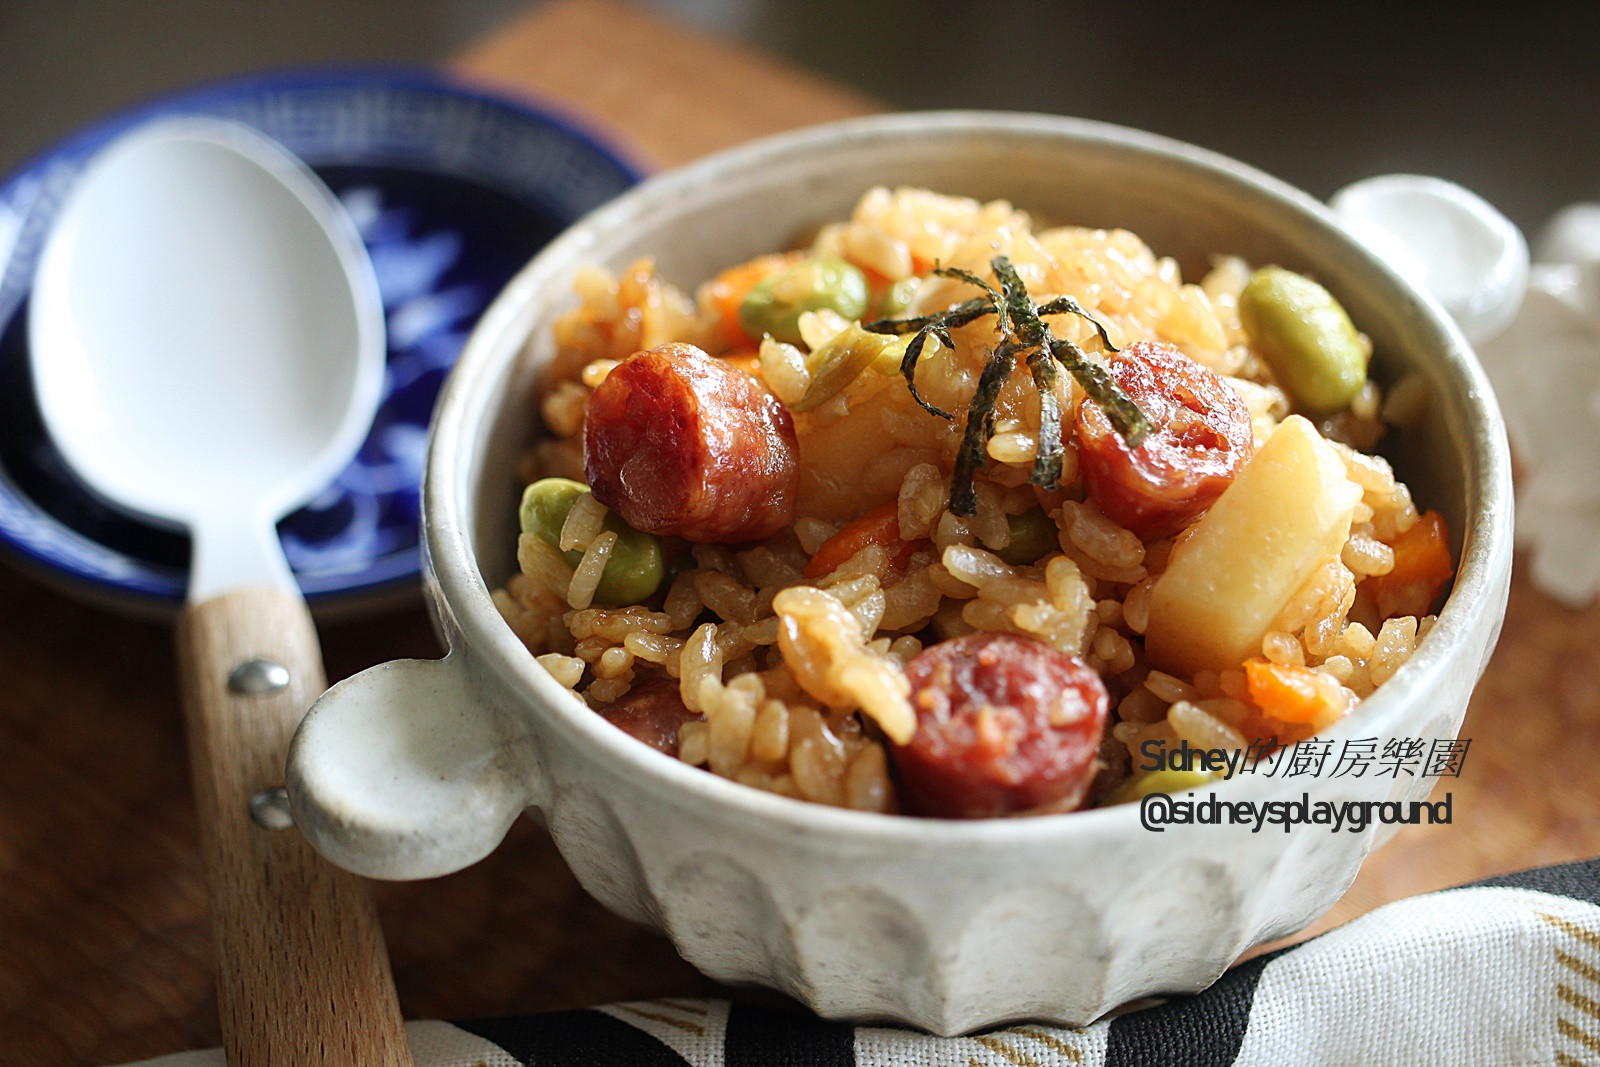 臘腸馬鈴薯飯(電子鍋料理)